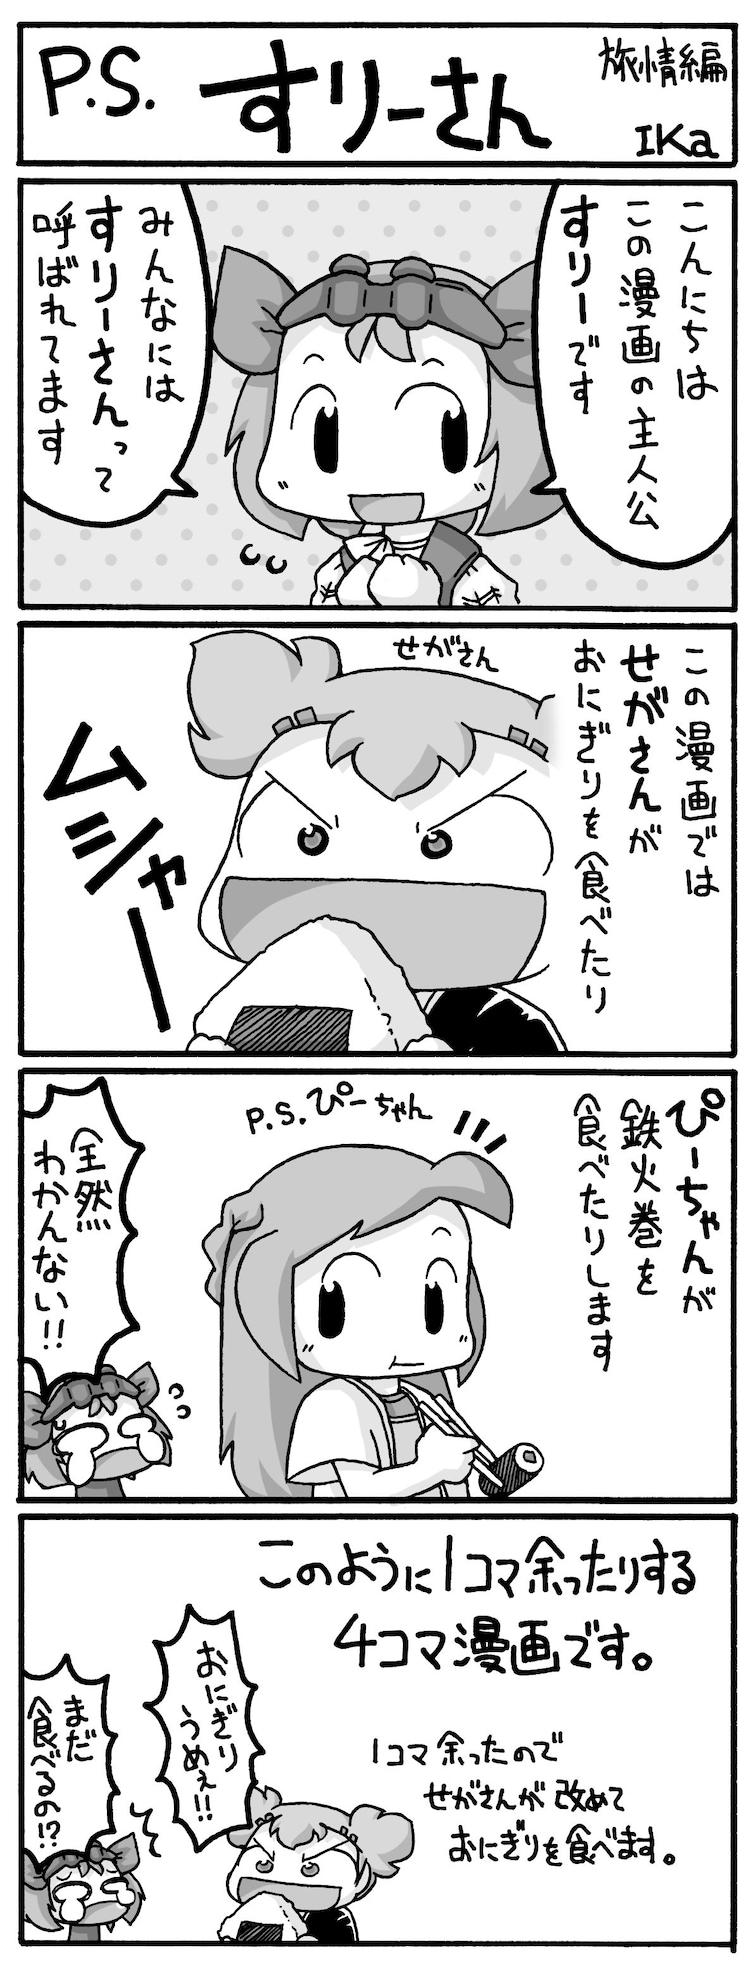 「P.S.すりーさん」紹介4コマ(C)IKa  (C)MICRO MAGAZINE